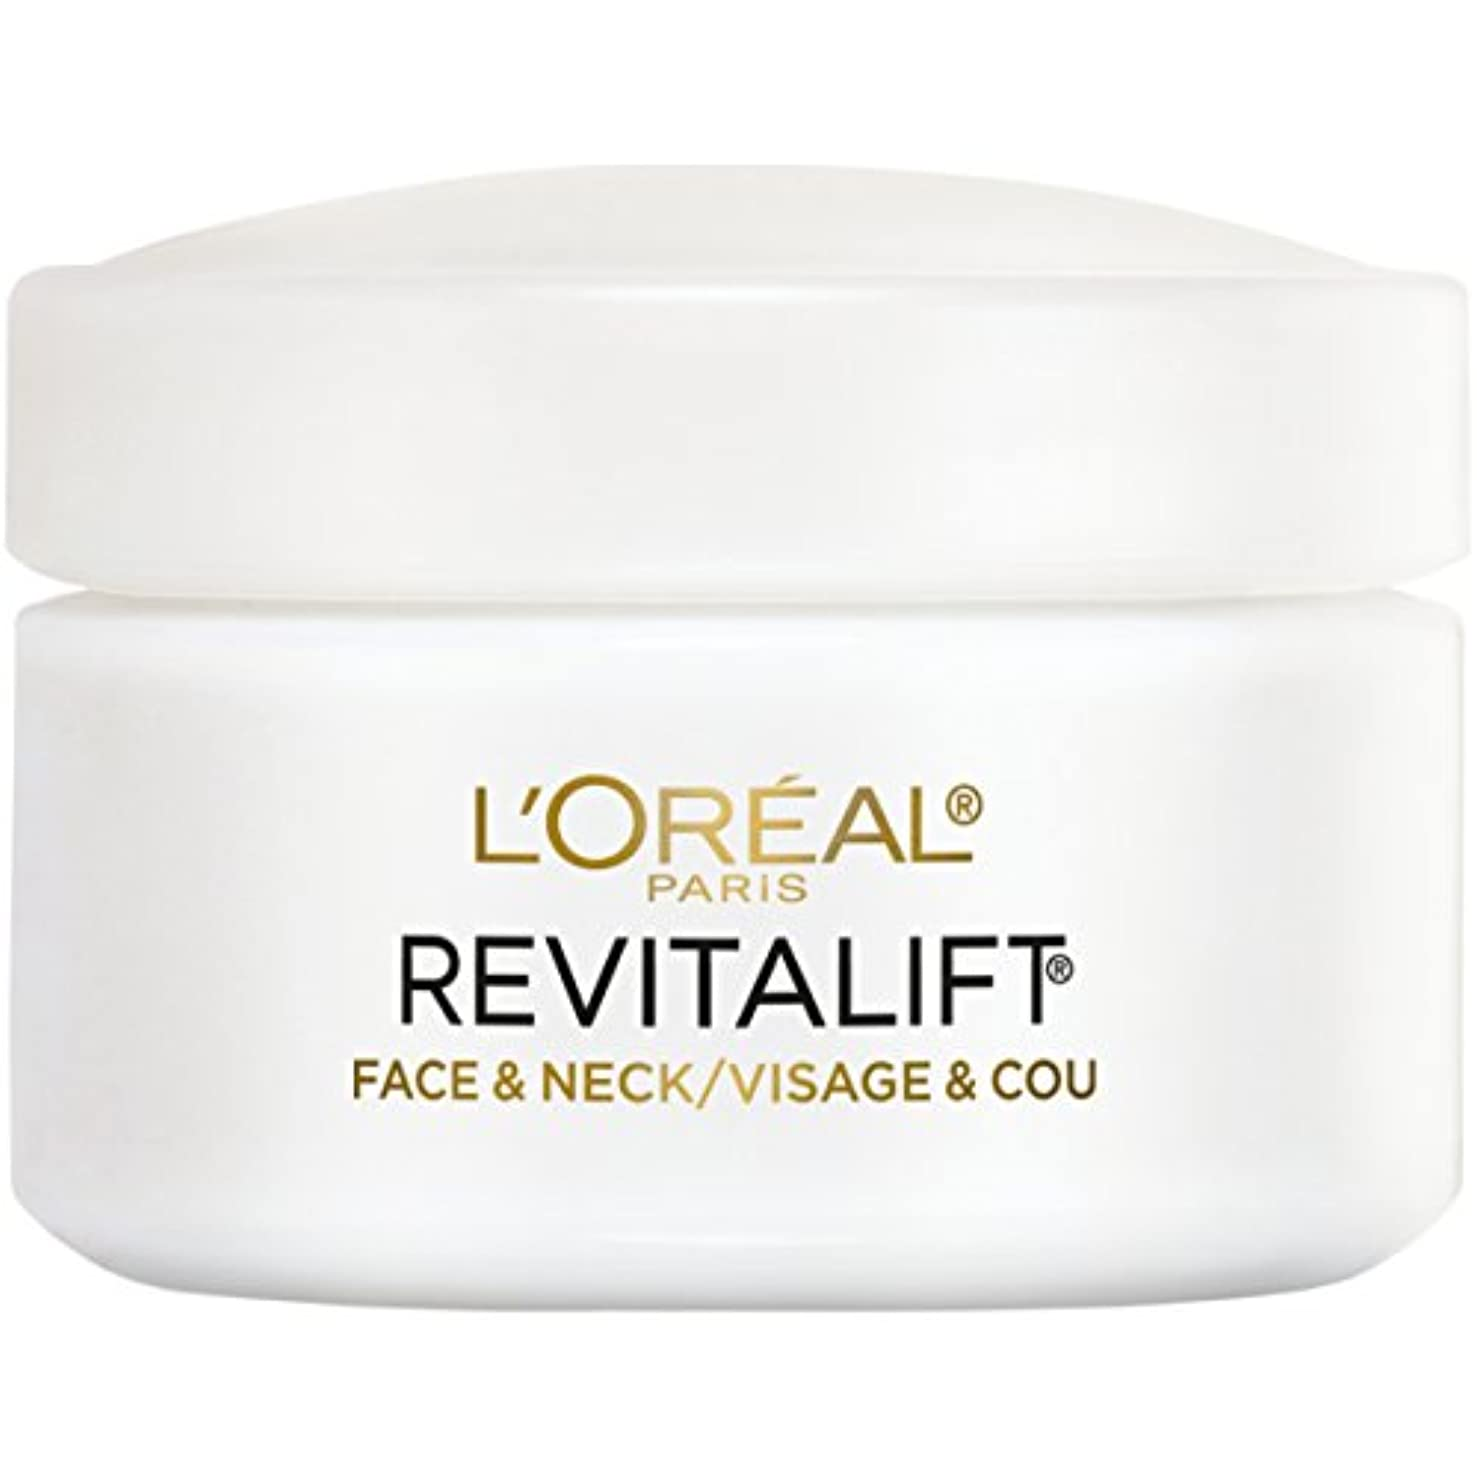 ビーチ等適用するL'Oreal Paris Advanced RevitaLift Face and Neck Day Cream, 1.7 Ounce (並行輸入品)